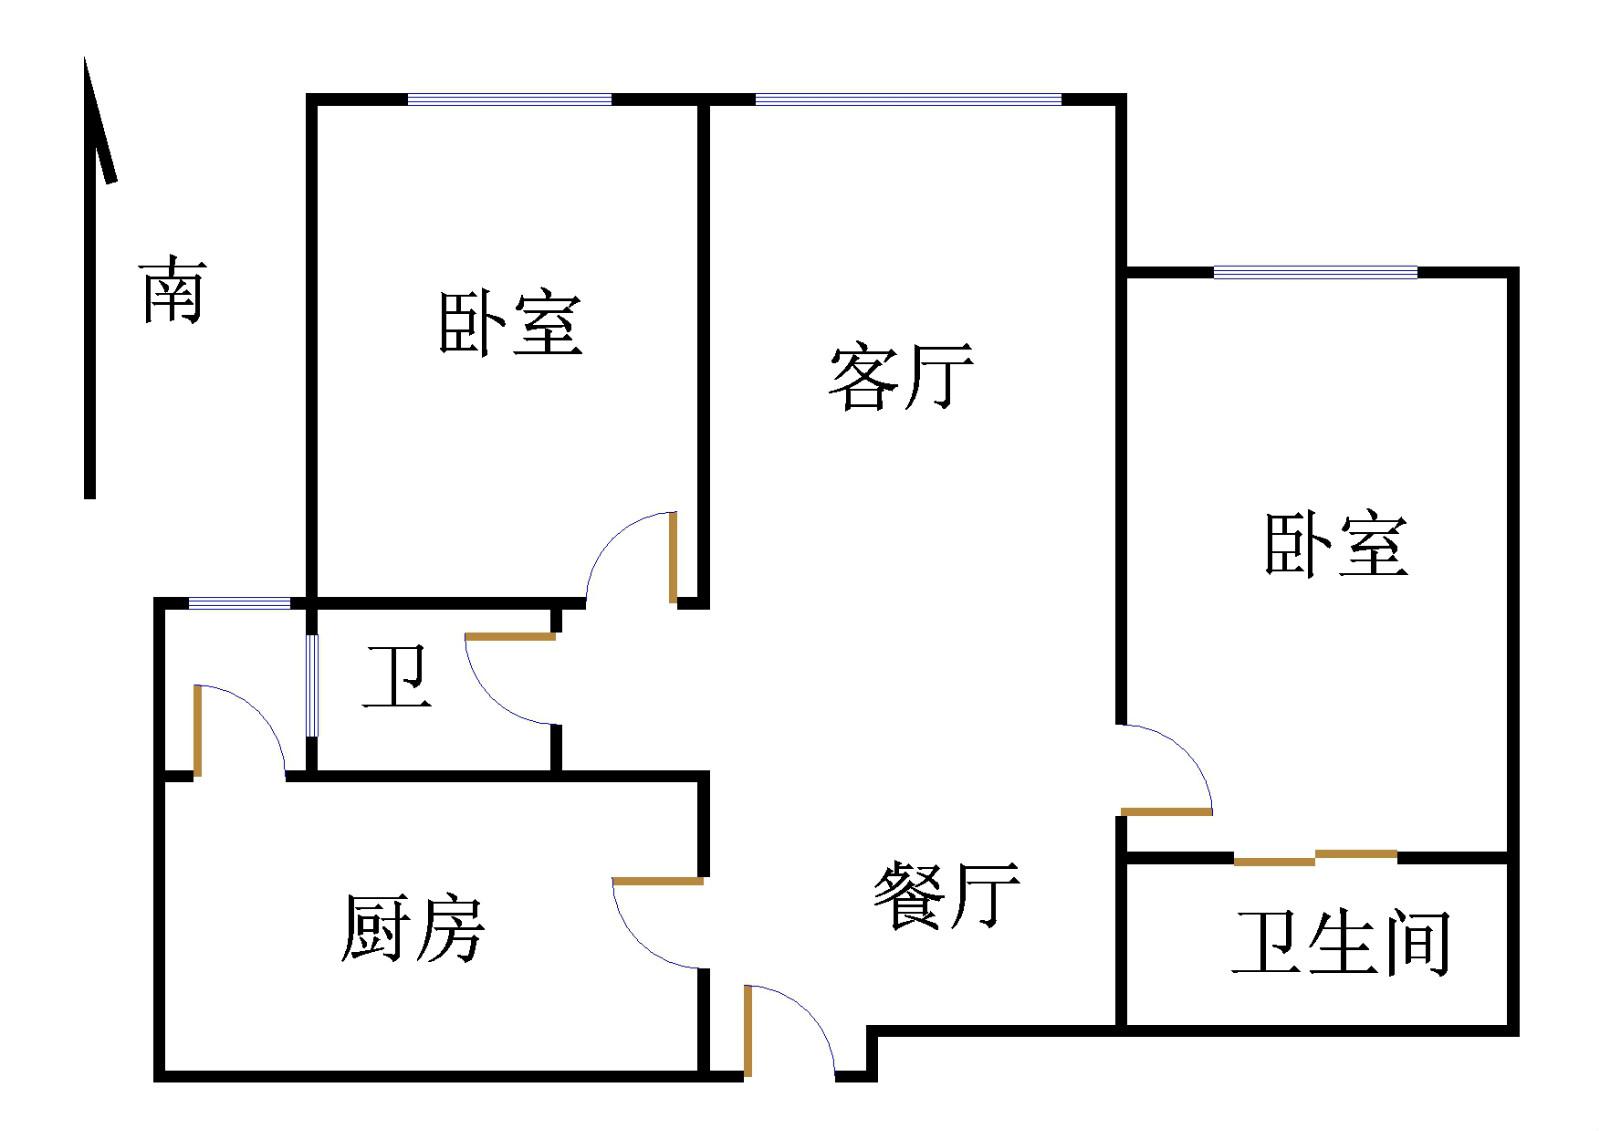 康博公馆 2室2厅 5楼